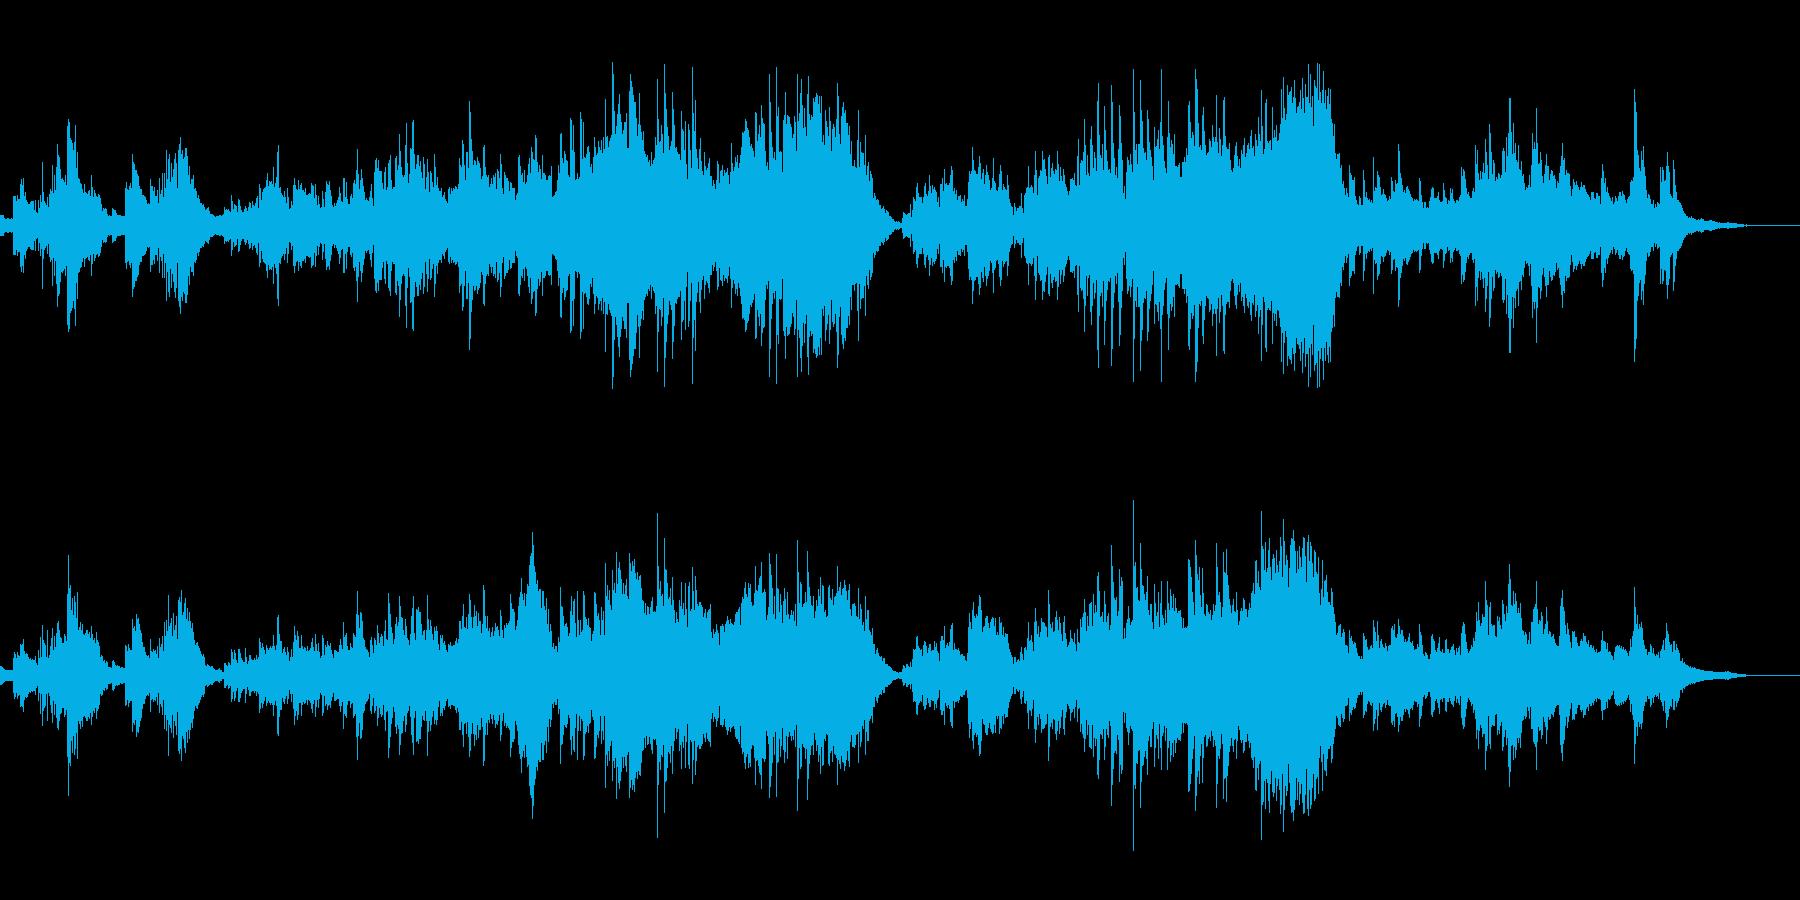 バイオリンとピアノが印象的な映像音楽の再生済みの波形